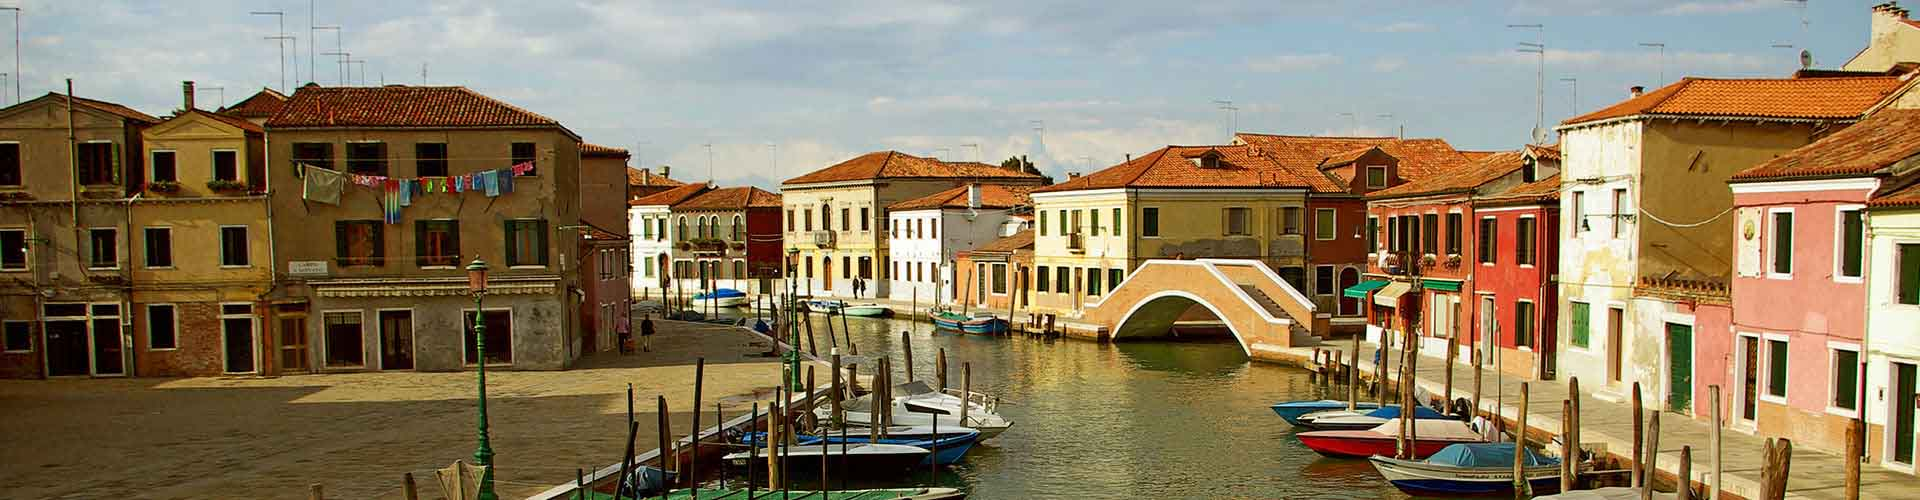 Venice Mestre - Auberges de jeunesse à Venice Mestre. Cartes pour Venice Mestre, photos et commentaires pour chaque auberge de jeunesse à Venice Mestre.